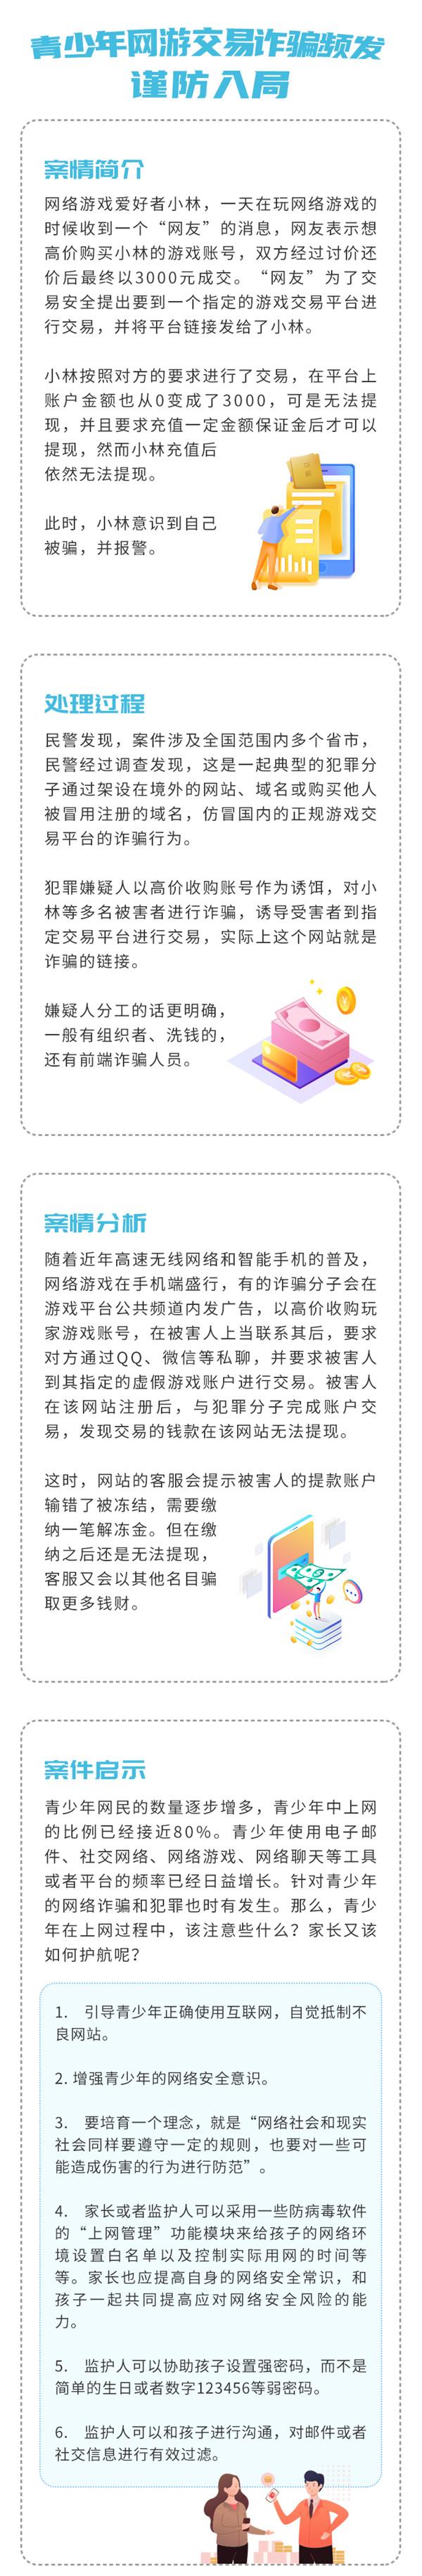 20201123中信银行青少年防诈骗-2.jpg